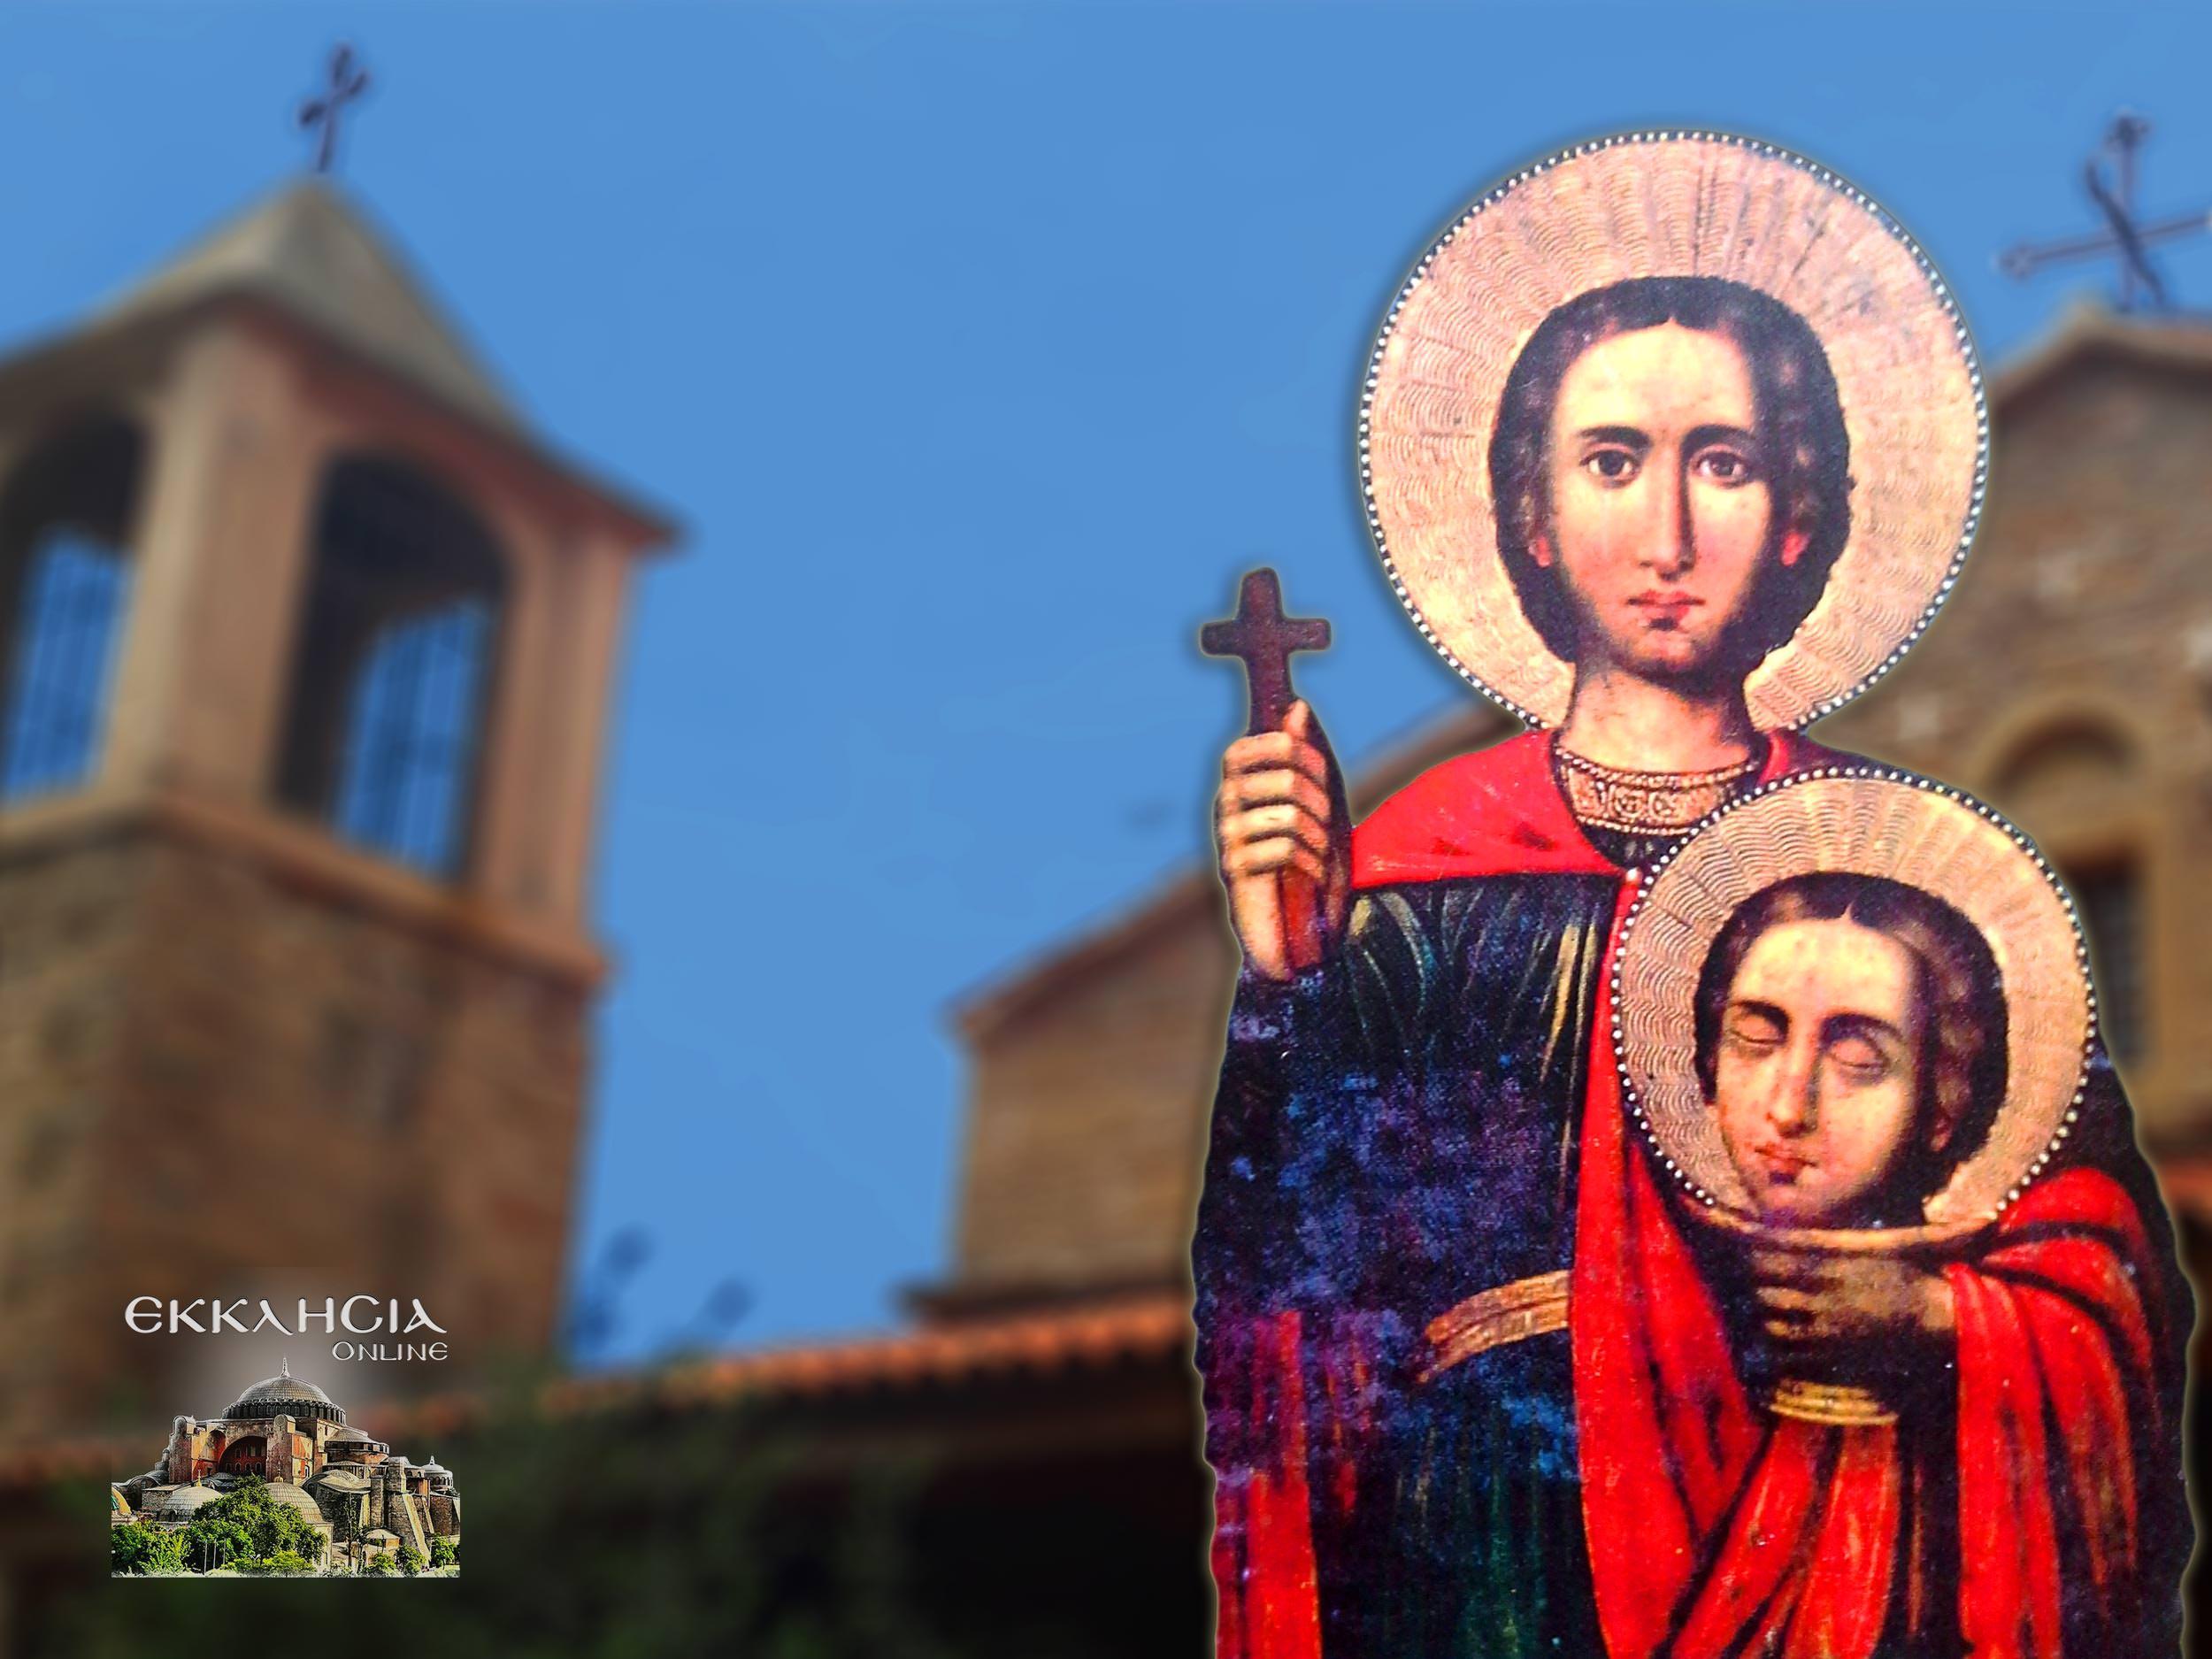 Άγιος Θεόδωρος Δαρδανελίων 2 Αυγούστου